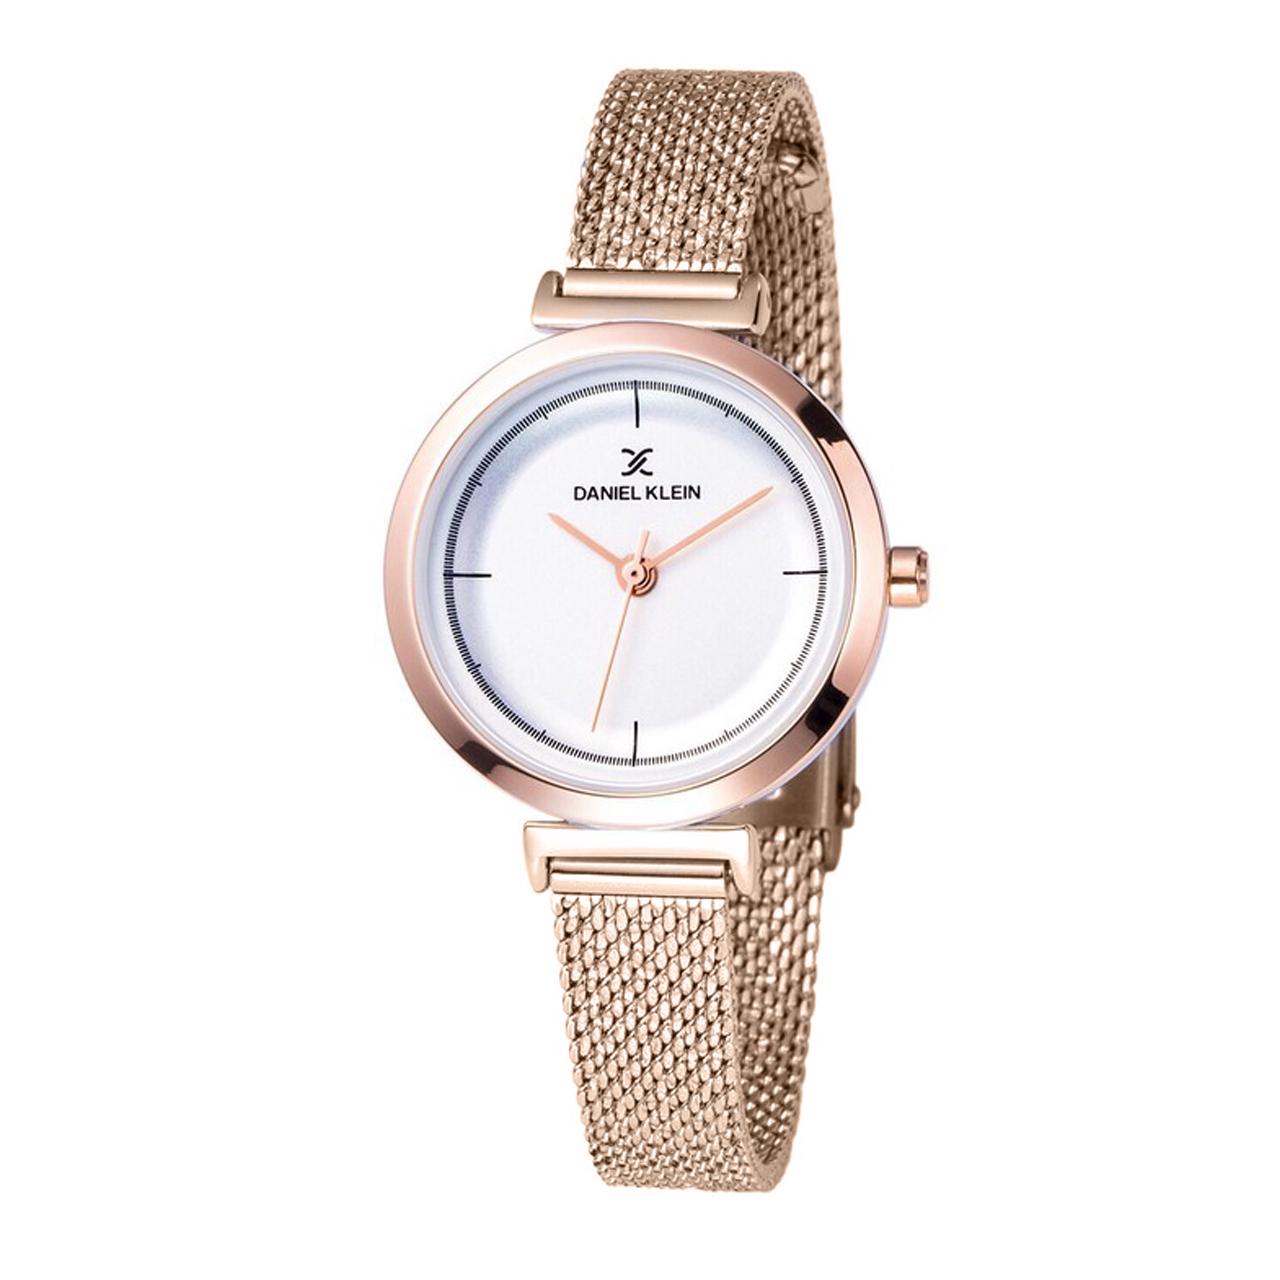 ساعت مچی عقربه ای زنانه دنیل کلین مدل dk11899-3 به همراه دستمال مخصوص برند کلین واچ